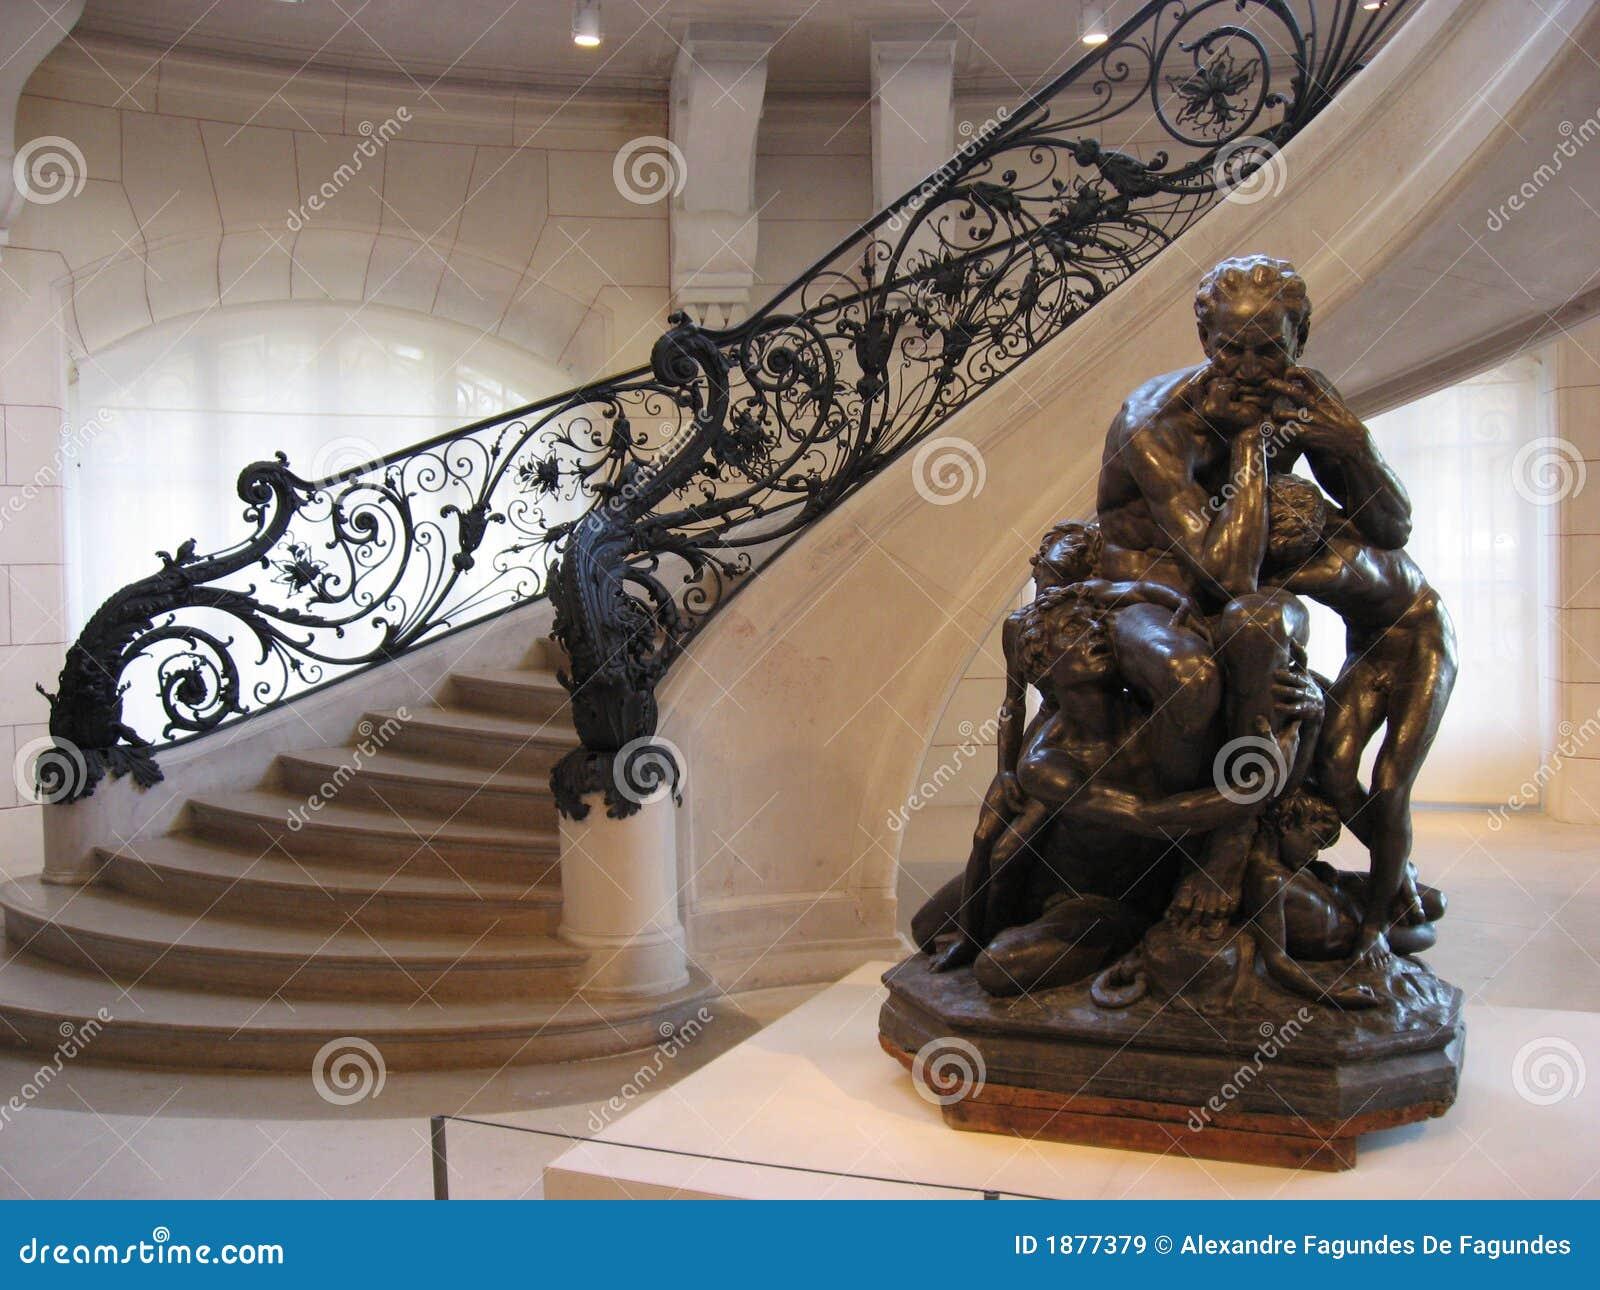 statue et escalier se reposants petit trianon paris images libres de droits image 1877379. Black Bedroom Furniture Sets. Home Design Ideas